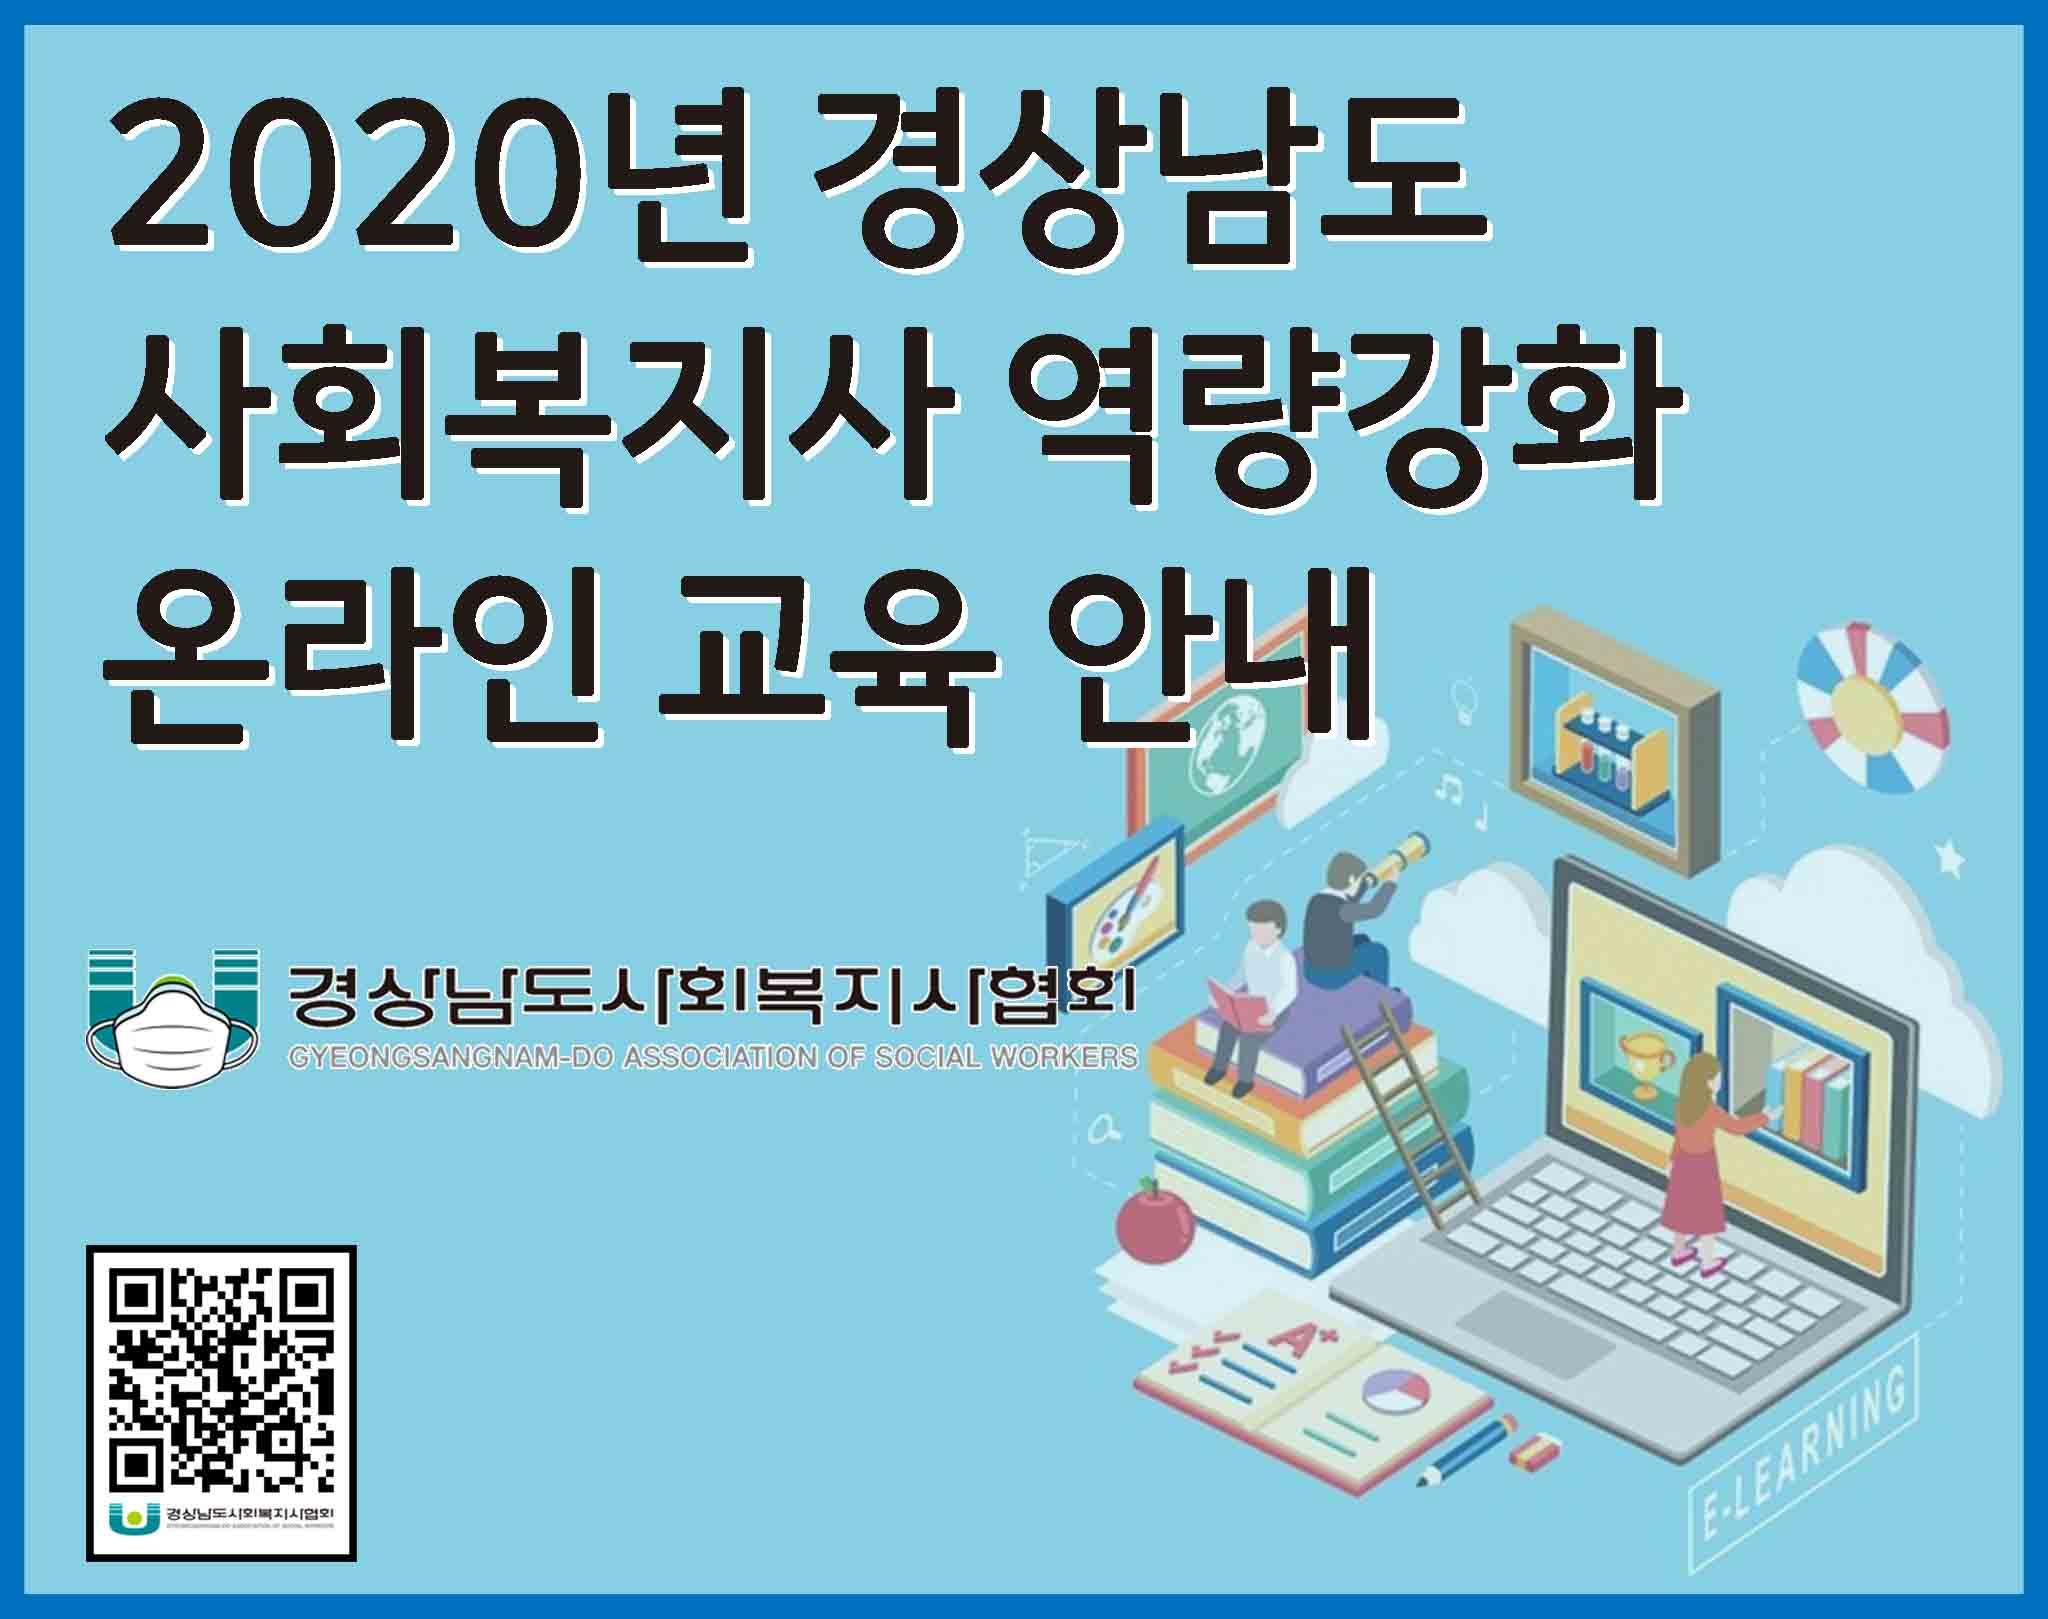 사회복지사 역량강화 온라인 교육 실시 안내-1.jpg